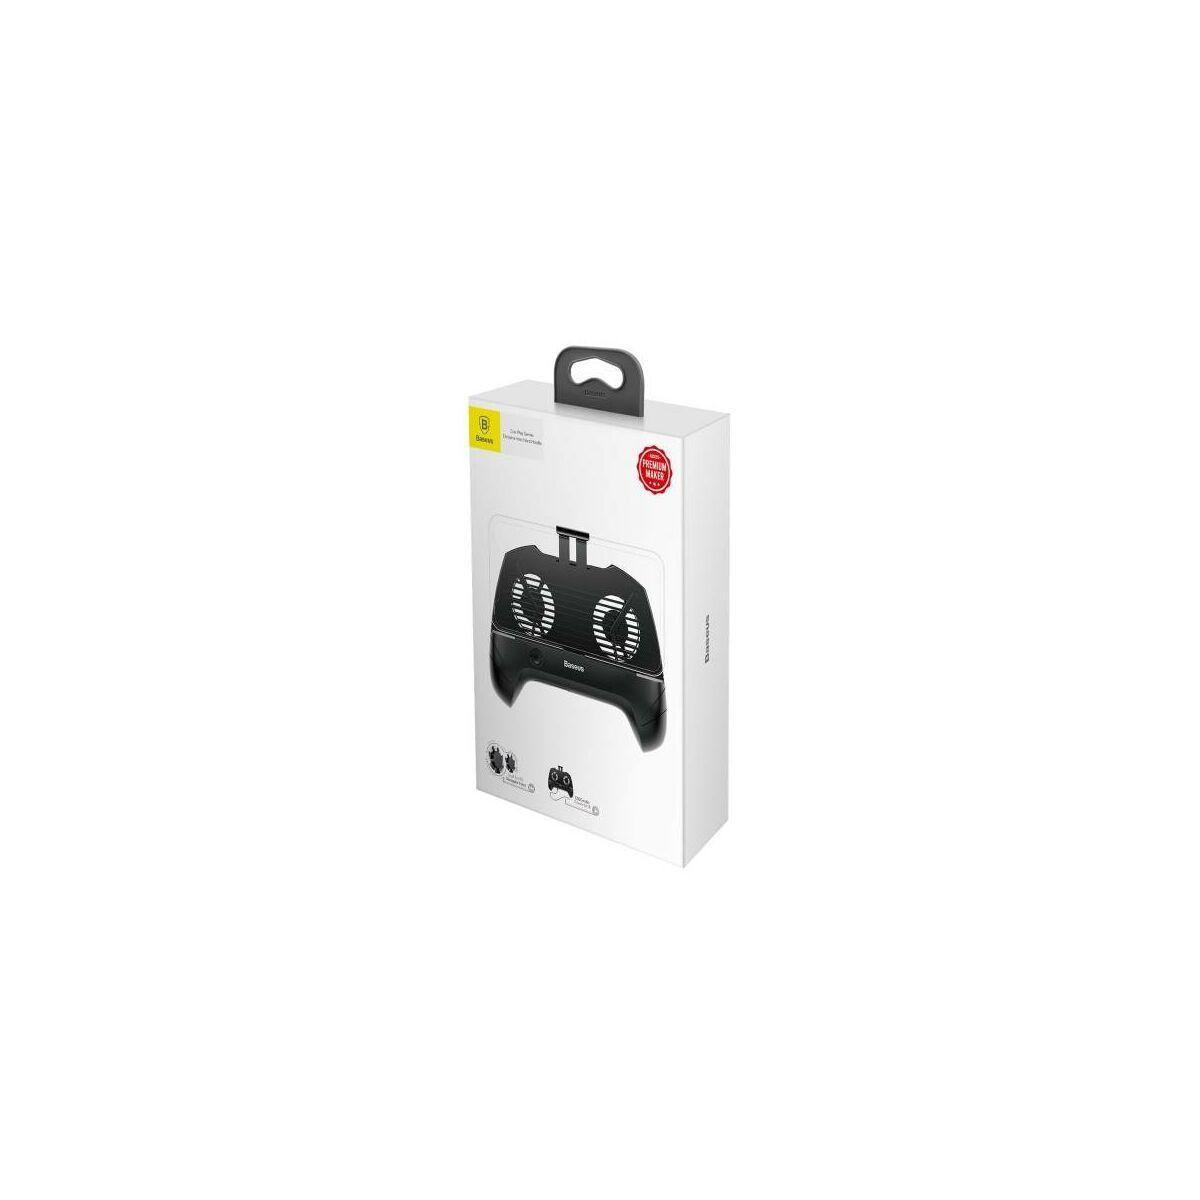 Baseus játék eszköz Cool Play Games hőelvezetős telefon tartó, fekete (ACSR-CW01)